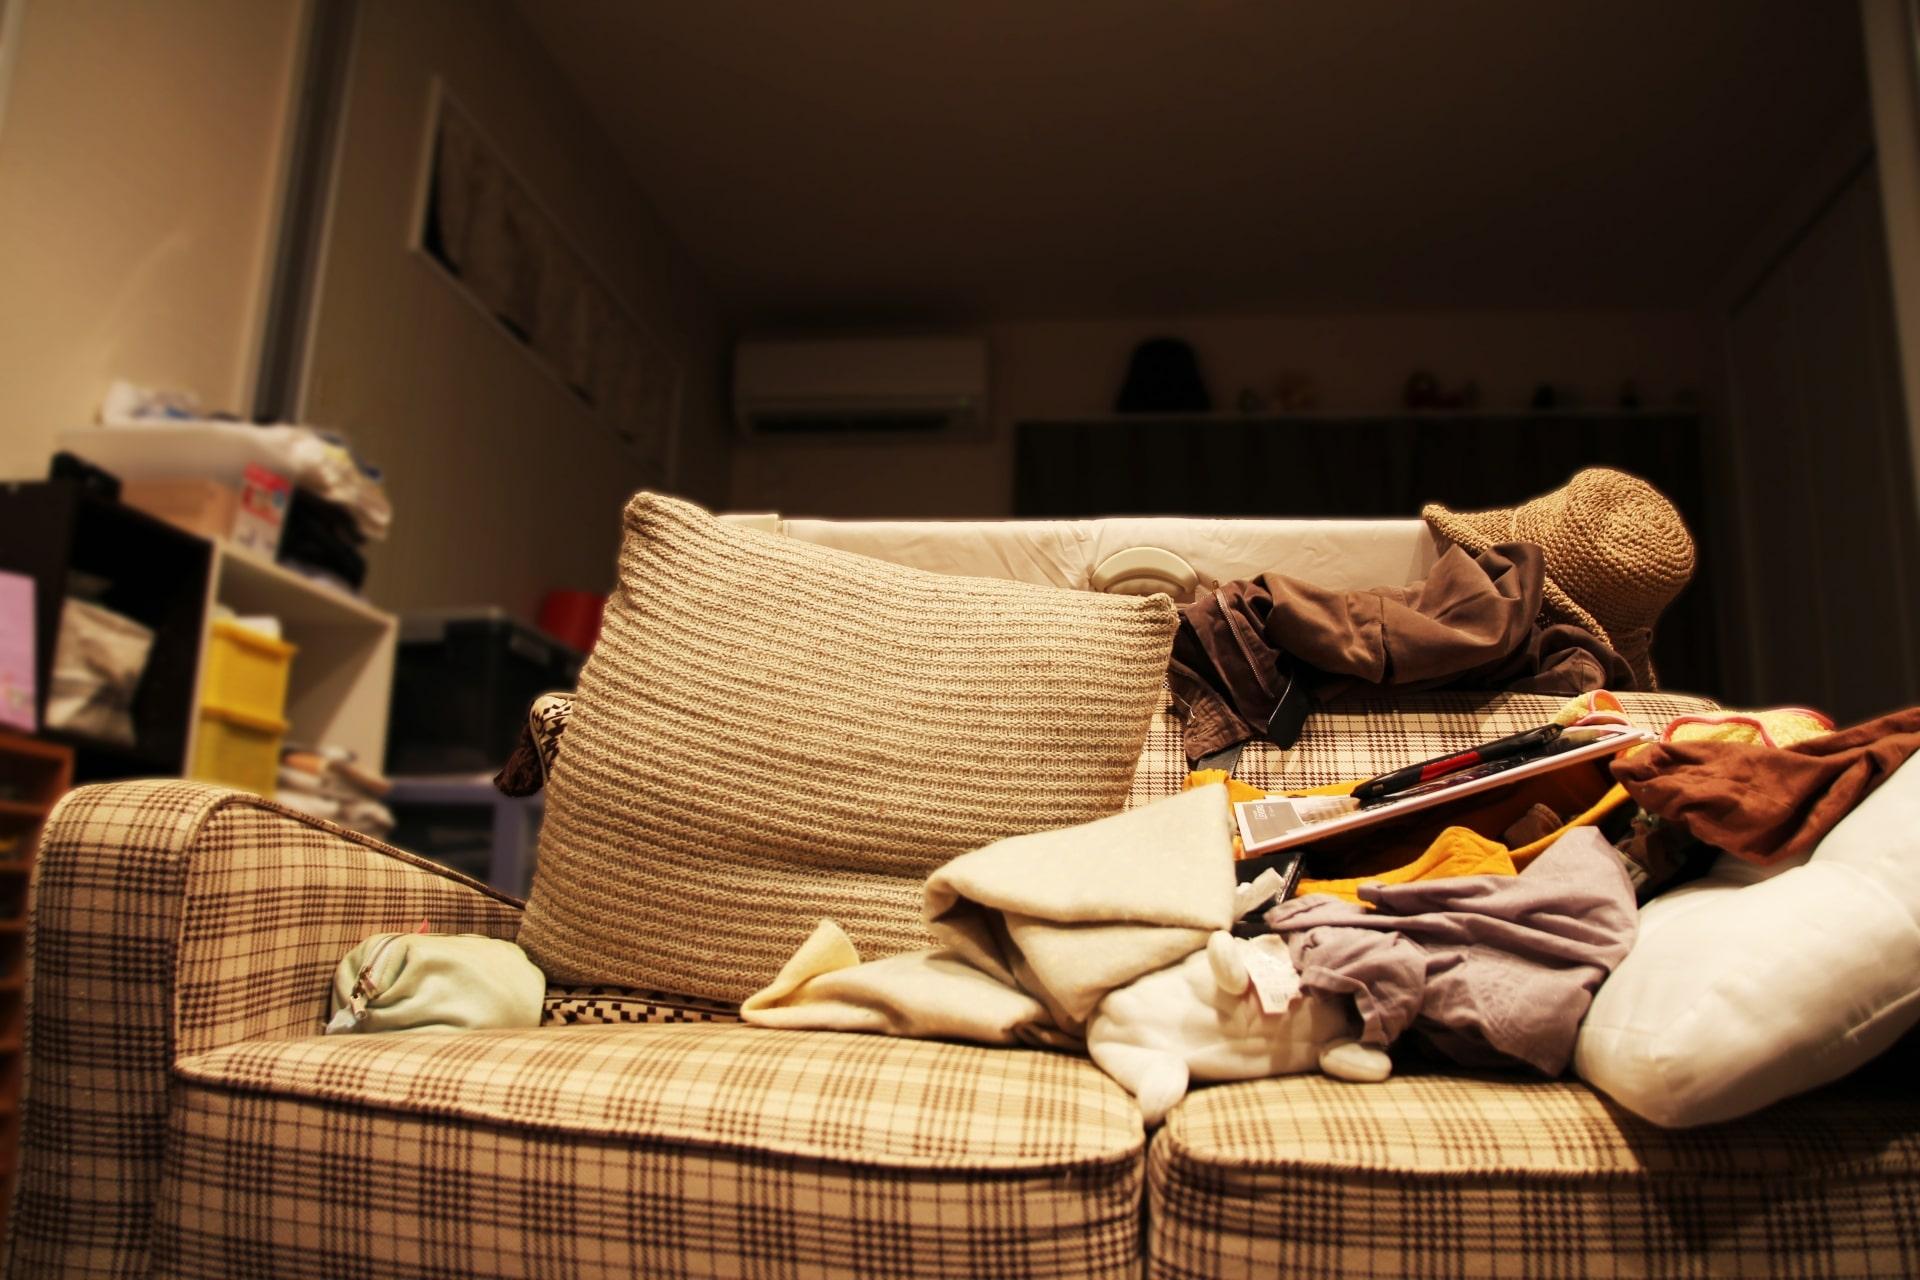 【在宅応援企画】テレワーク、休校・休園でもストレスためずに快適に過ごすお片付け法